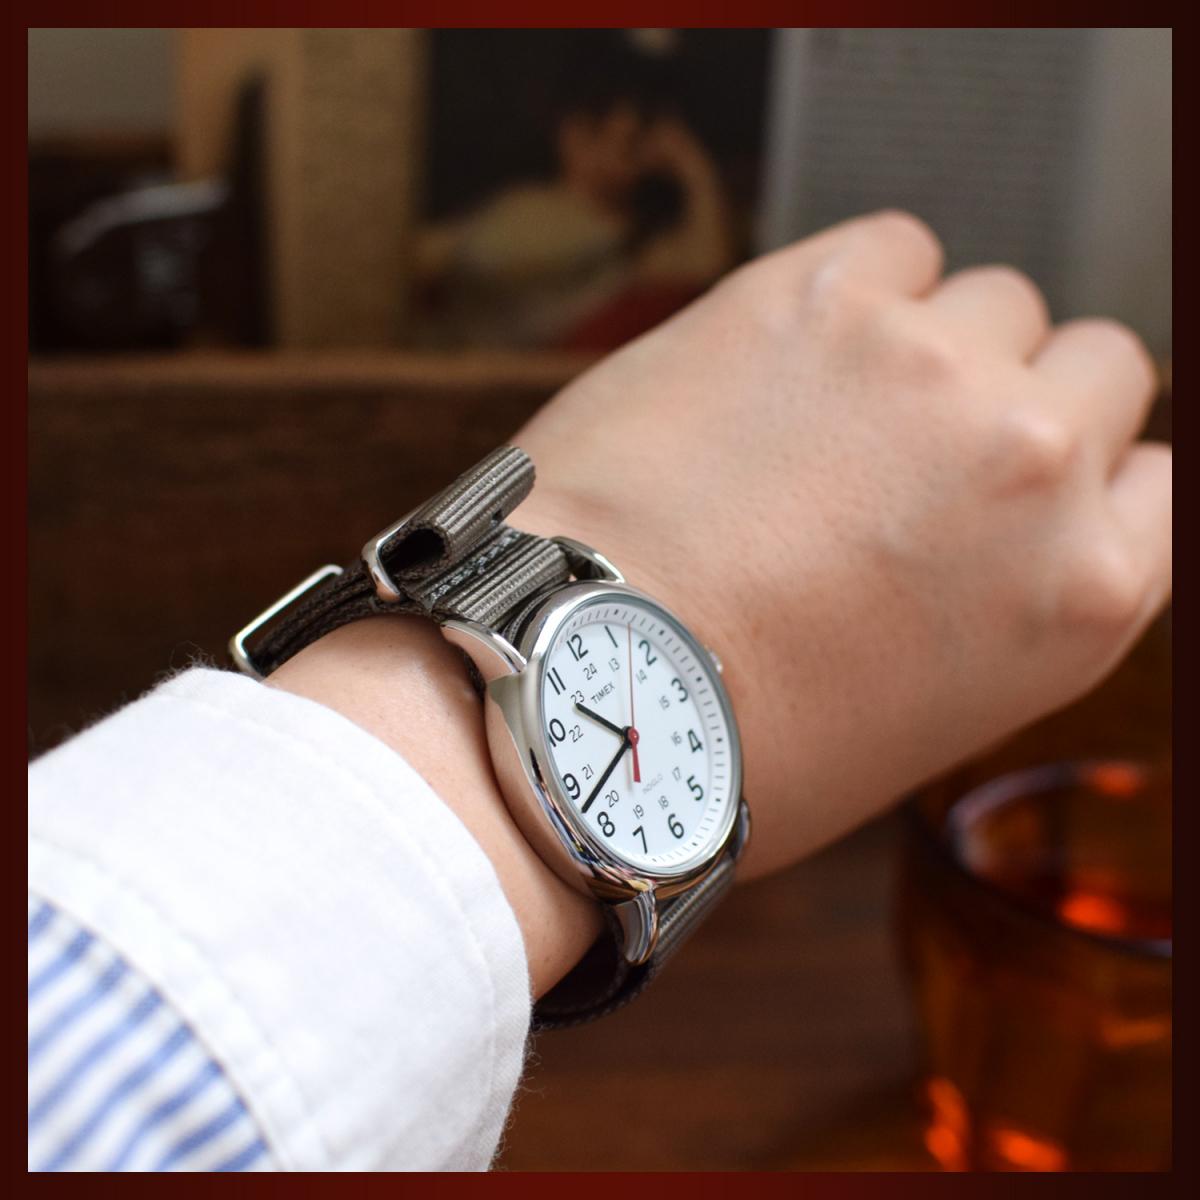 時計ベルト NATO ゴールドバックル ショートサイズ カーキグリーン 18mm 取付けマニュアル _画像8